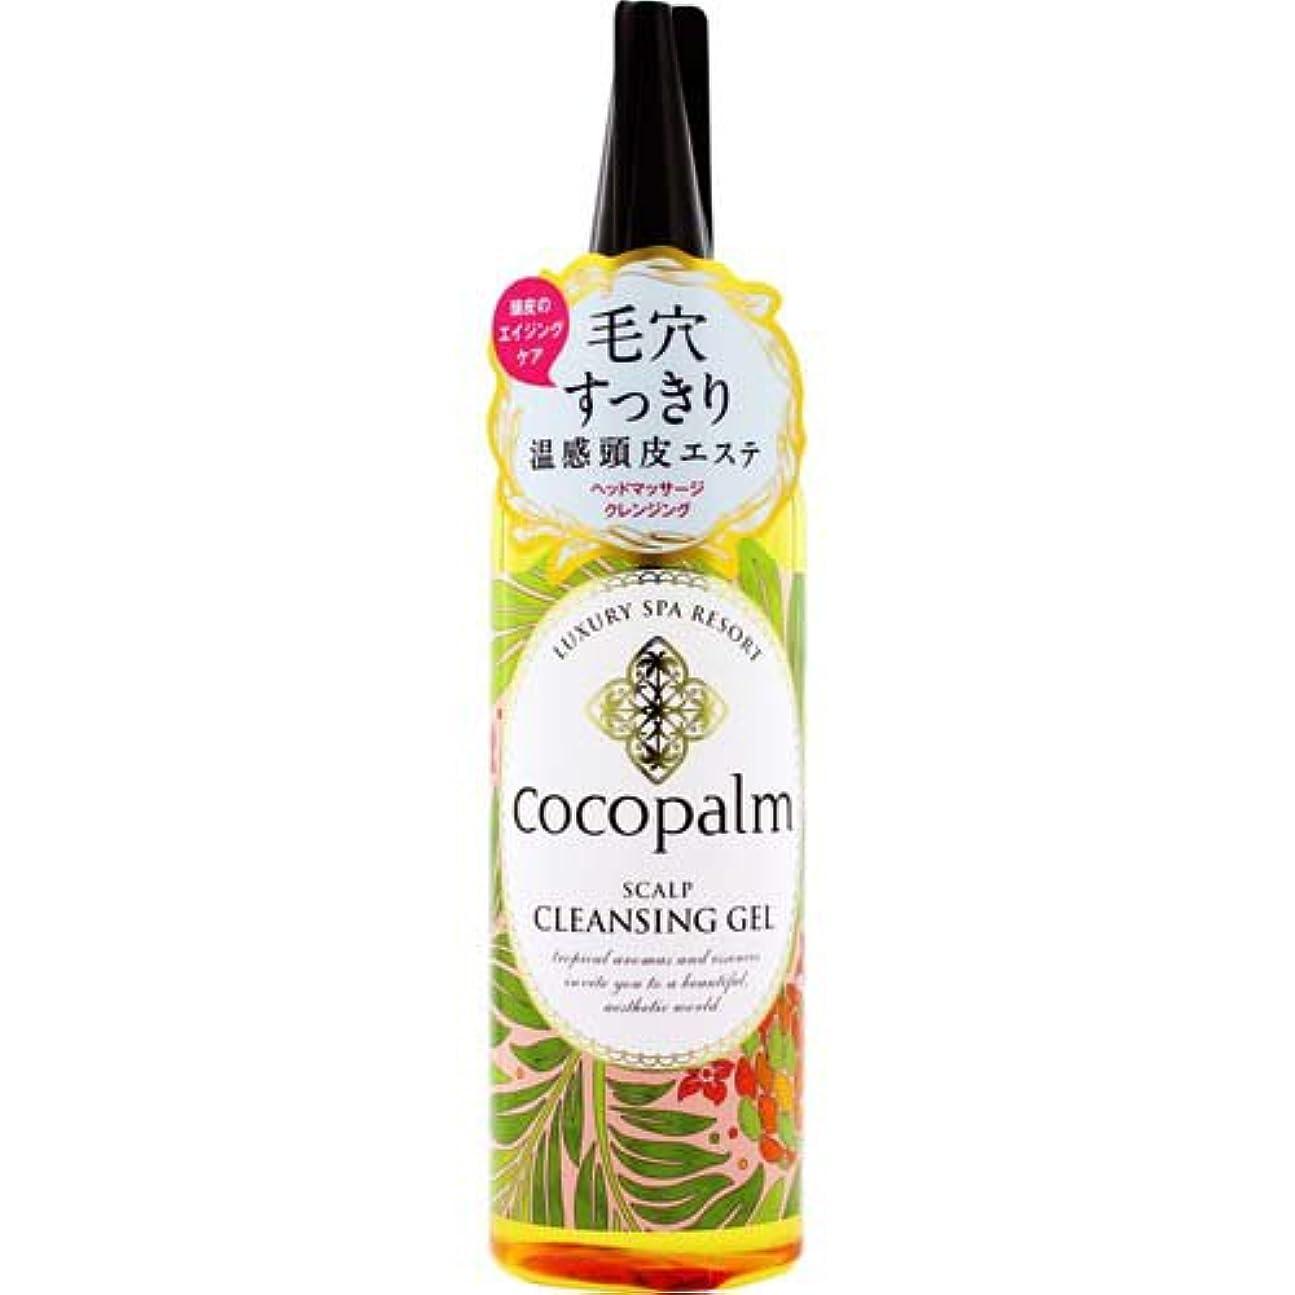 ミンチ食事を調理する合成ココパーム ホットCLG150ml